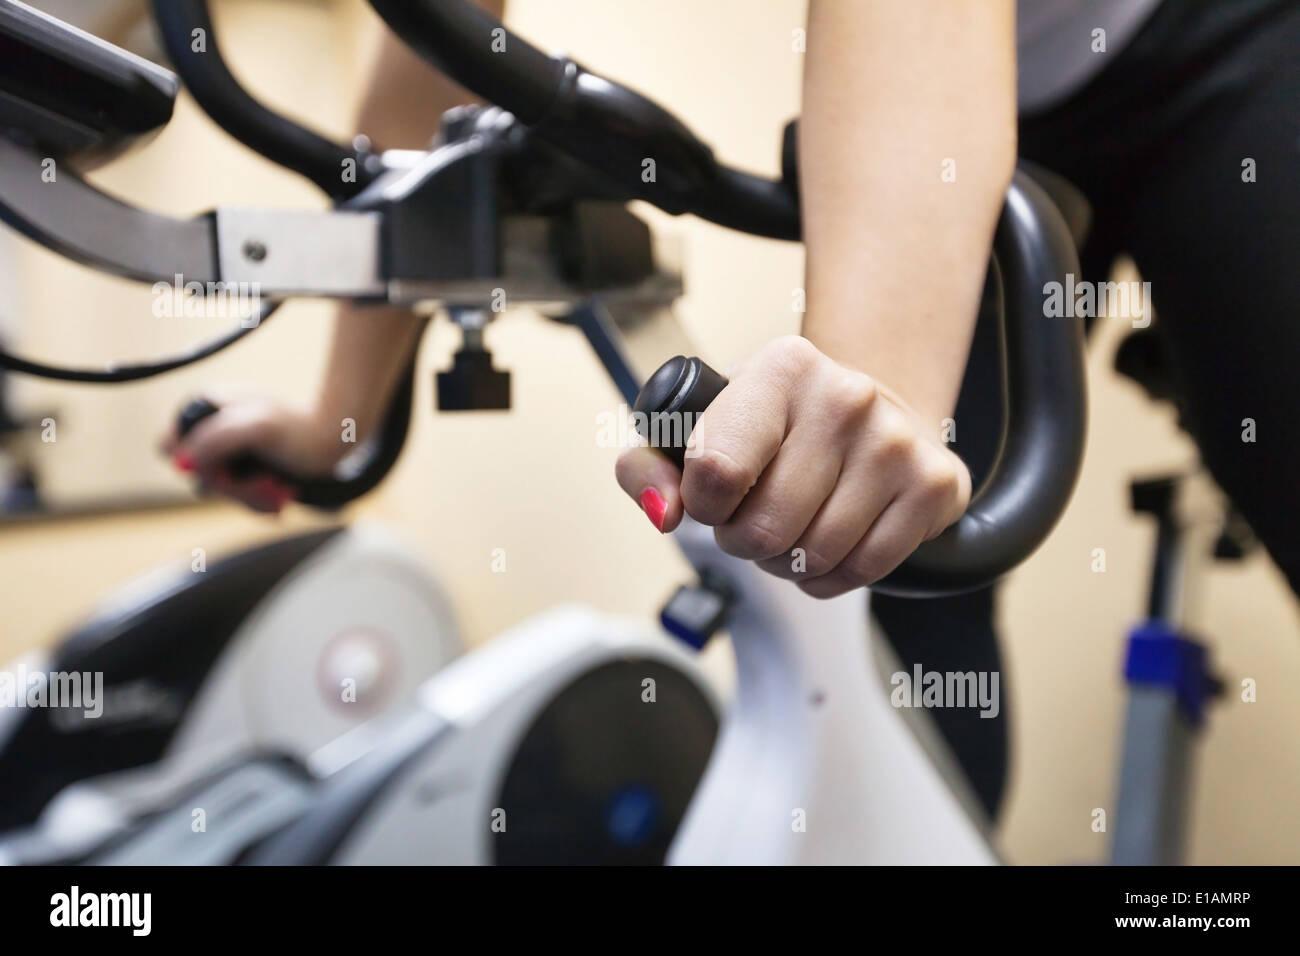 La formazione nel centro fitness Immagini Stock